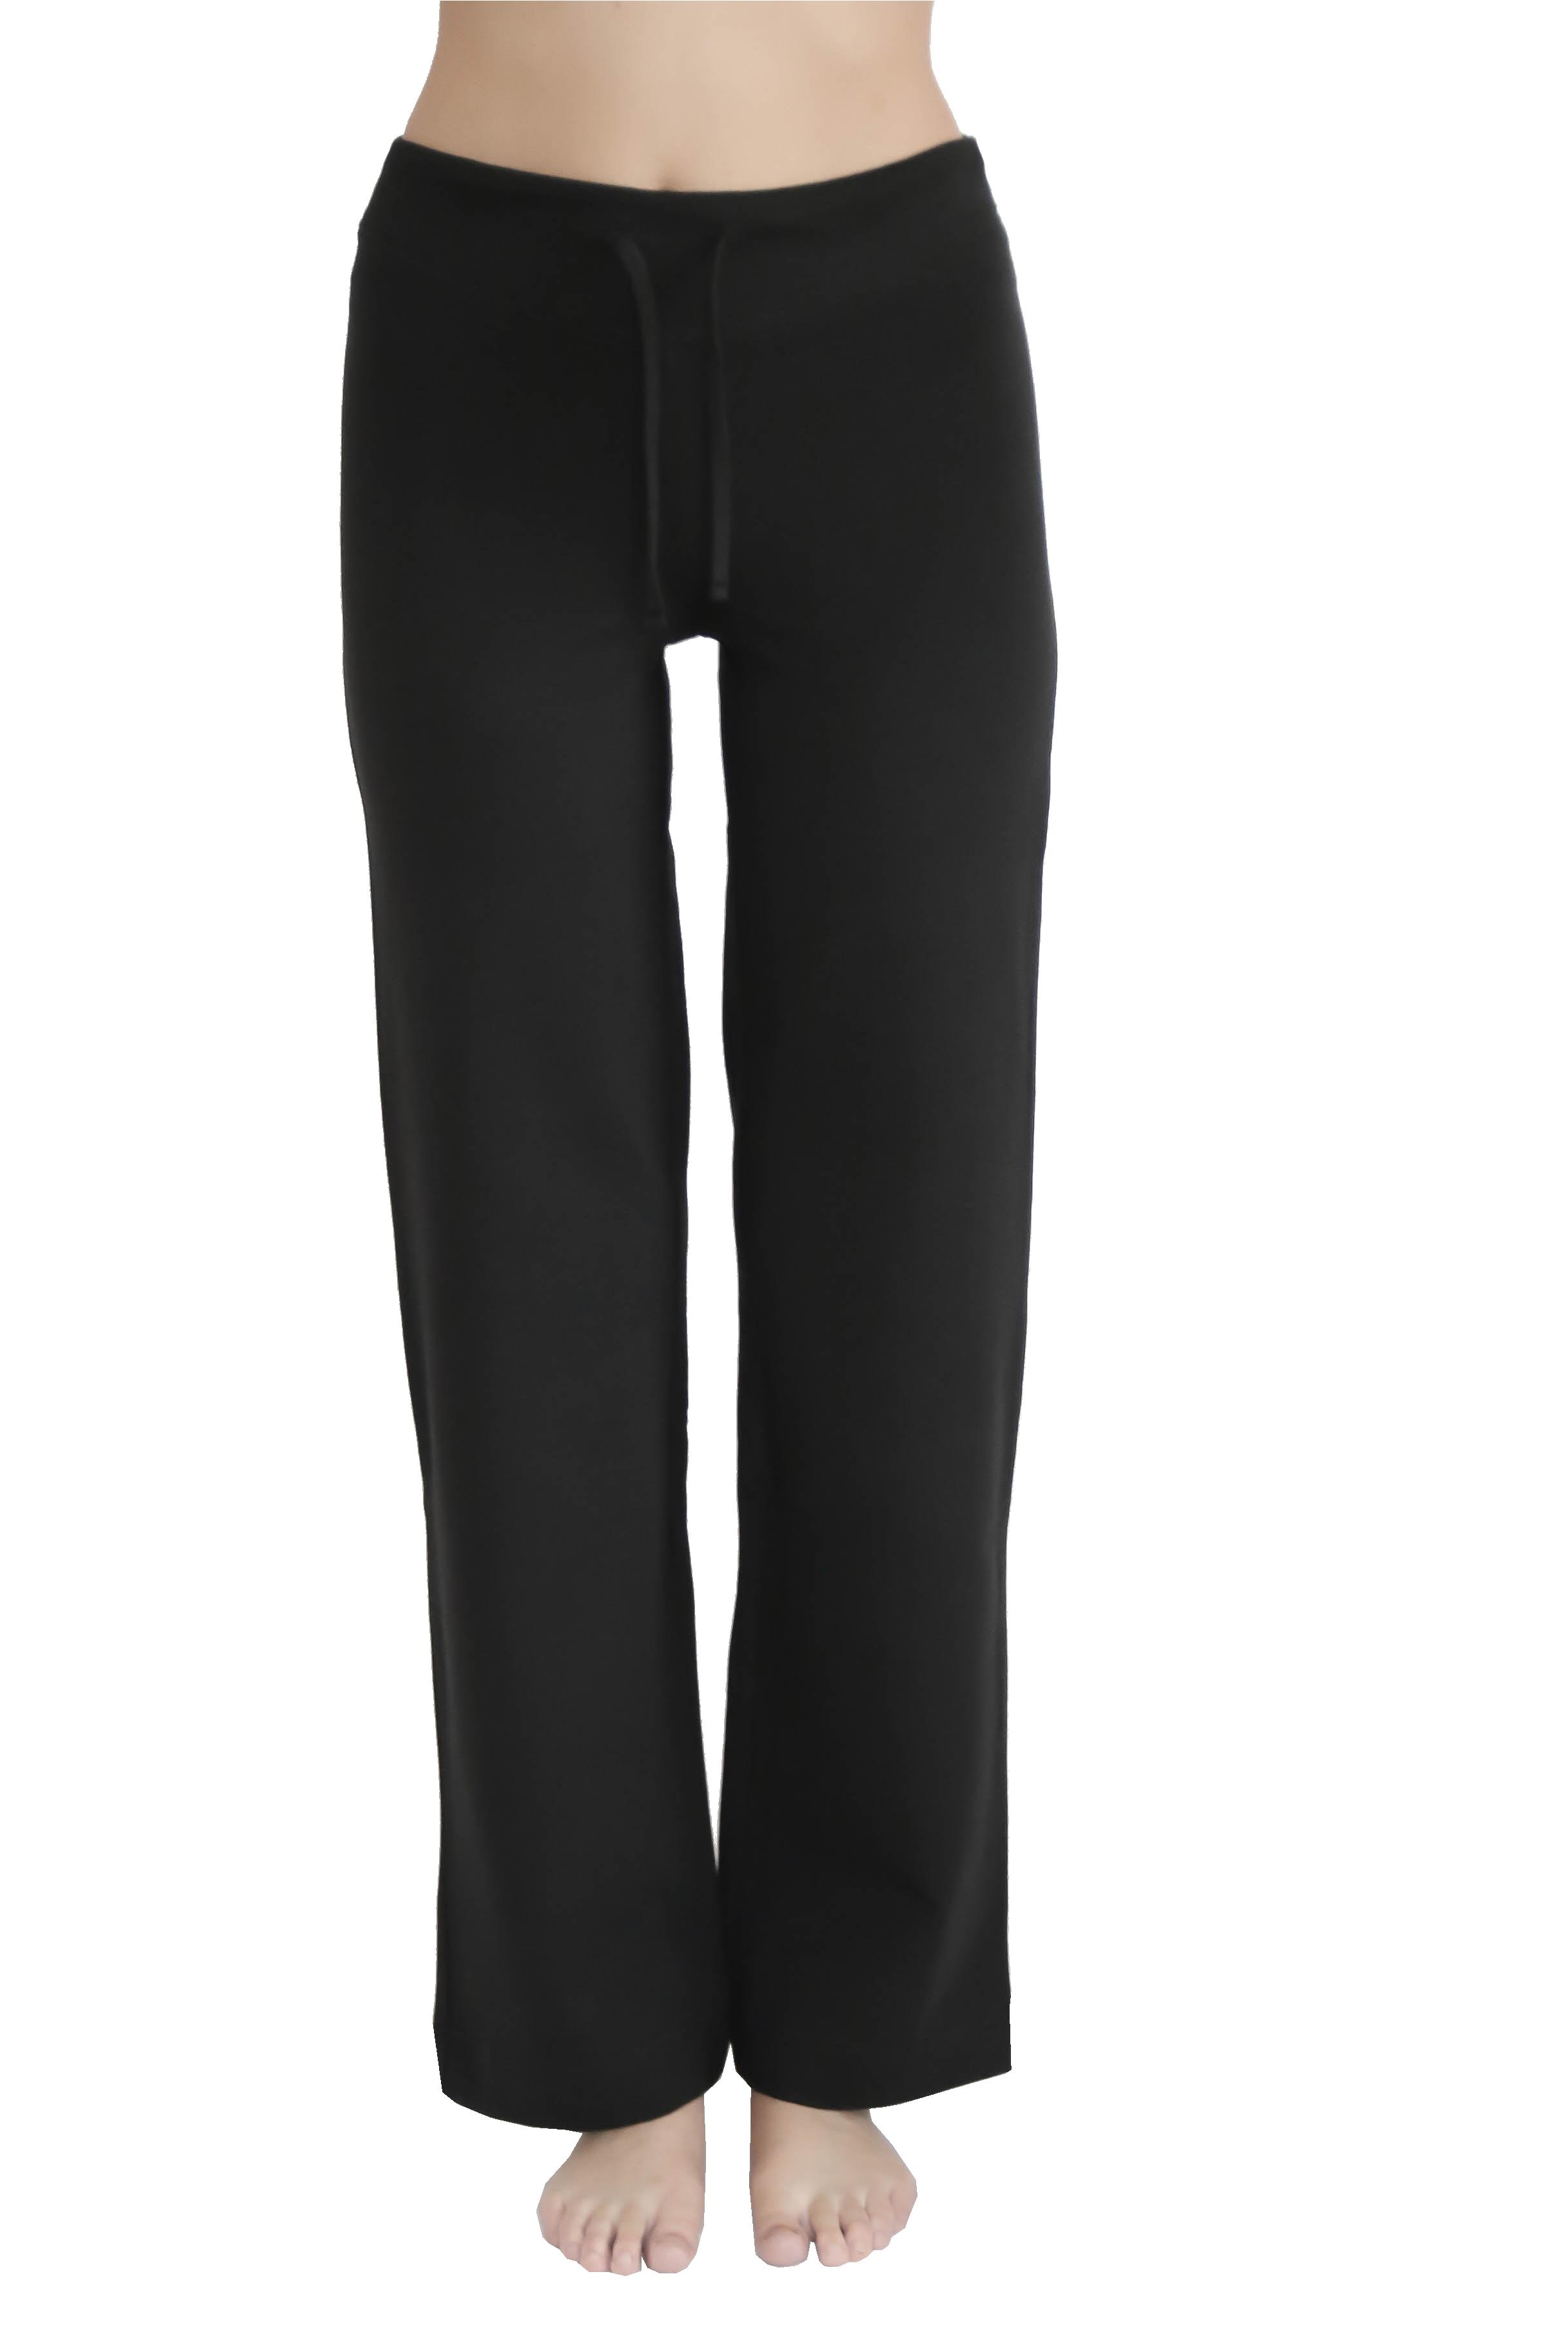 a82210ecf840 ... Elasthan · Vorschau  Damenhose in schwarz aus Bio-Baumwolle von Leela  Cotton